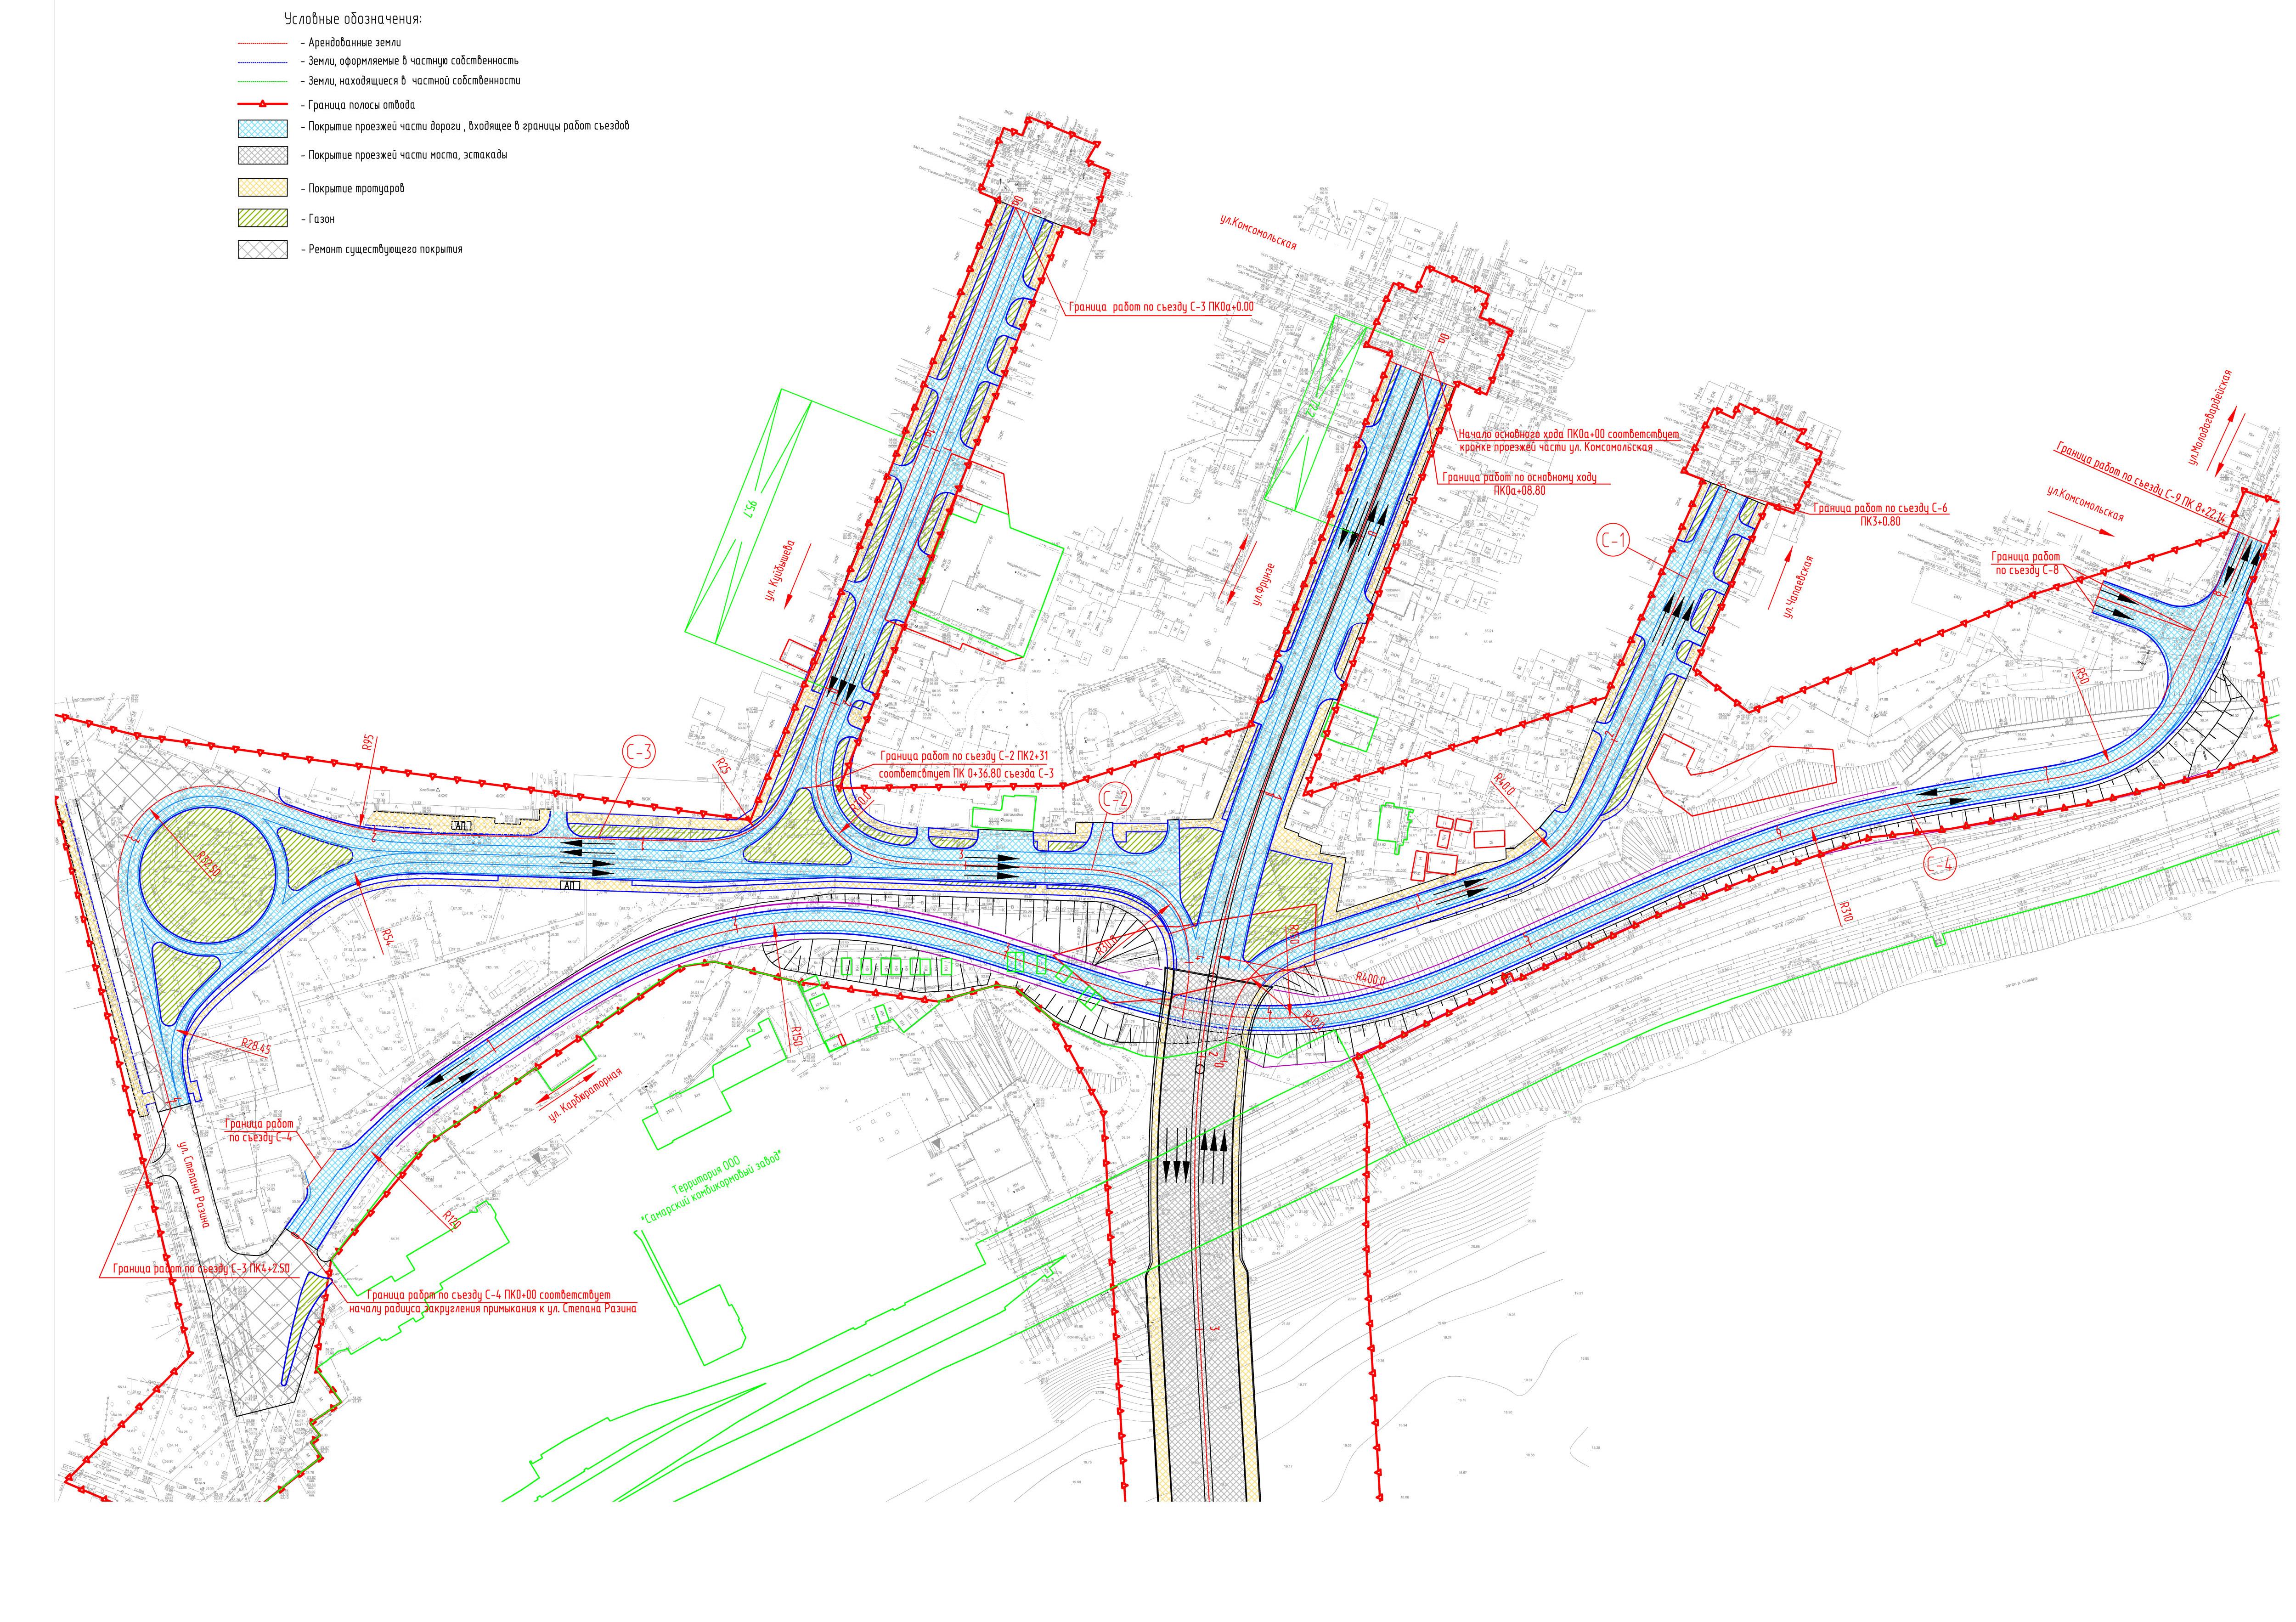 схема строительства моста через волгу южный обход